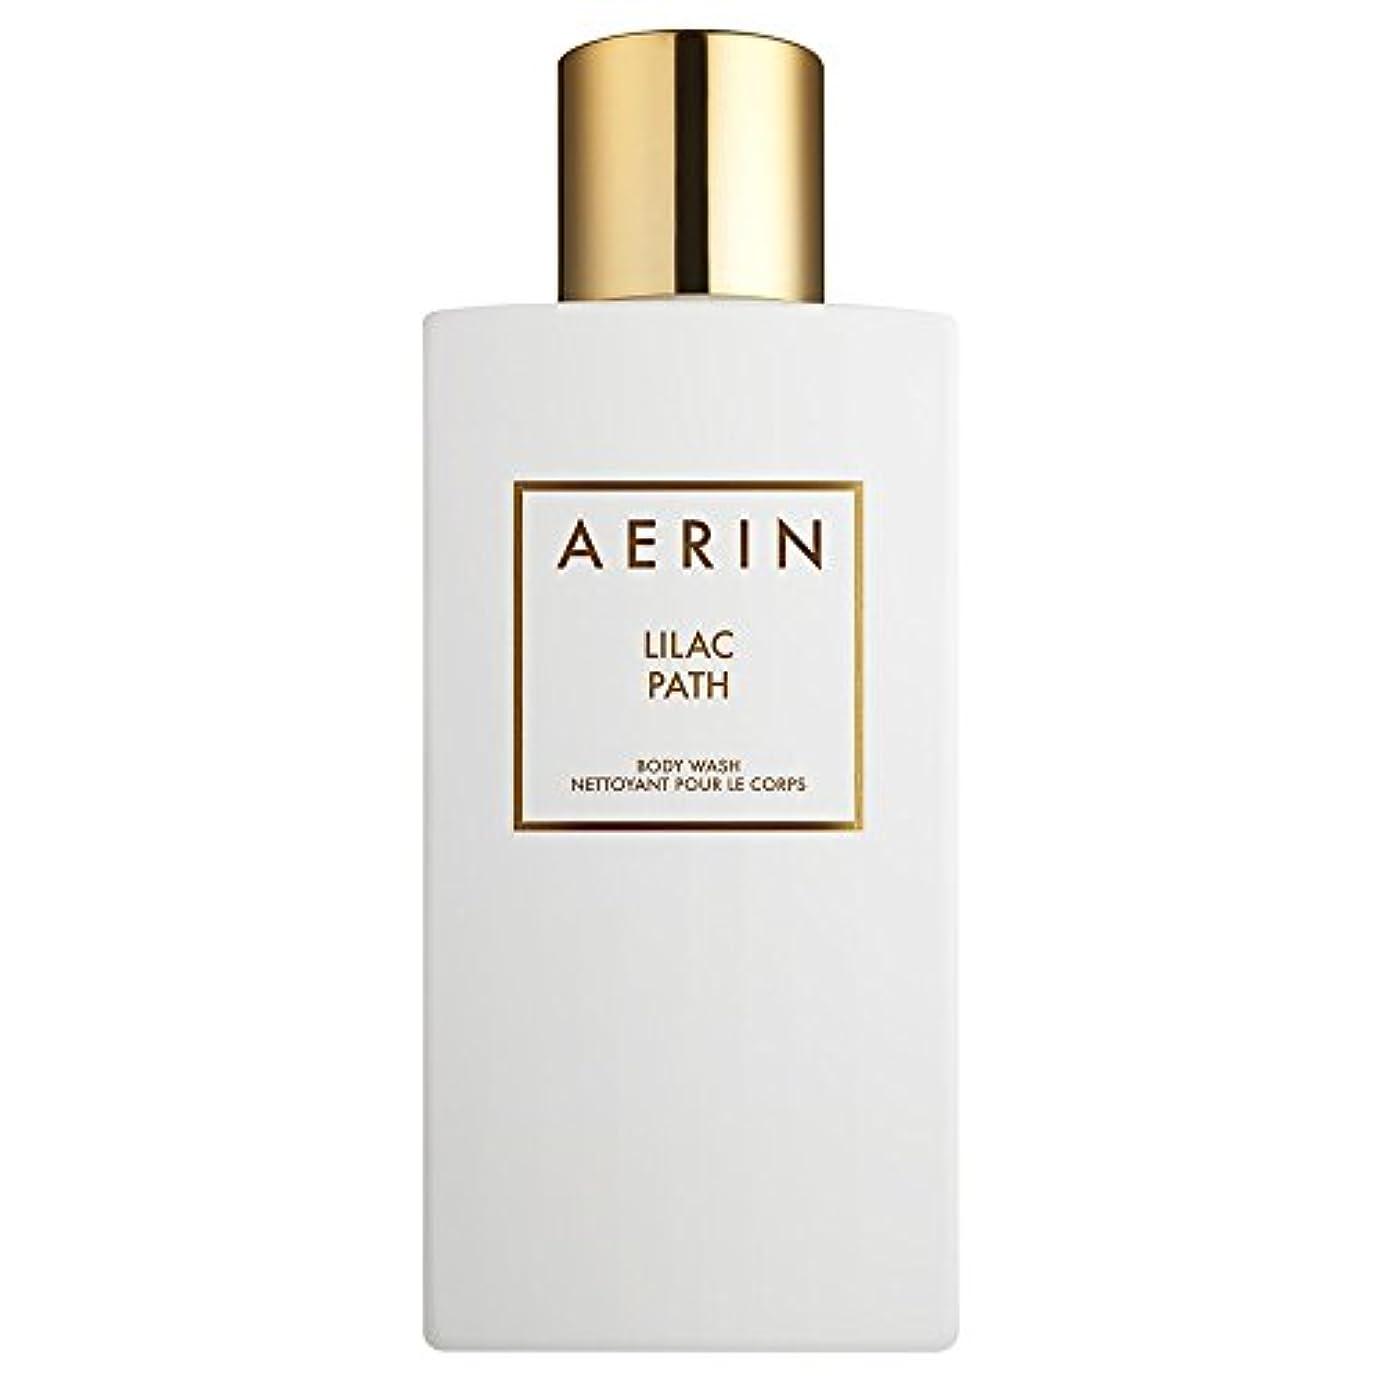 波触覚第九Aerinライラックパスボディウォッシュ225ミリリットル (AERIN) (x6) - AERIN Lilac Path Bodywash 225ml (Pack of 6) [並行輸入品]